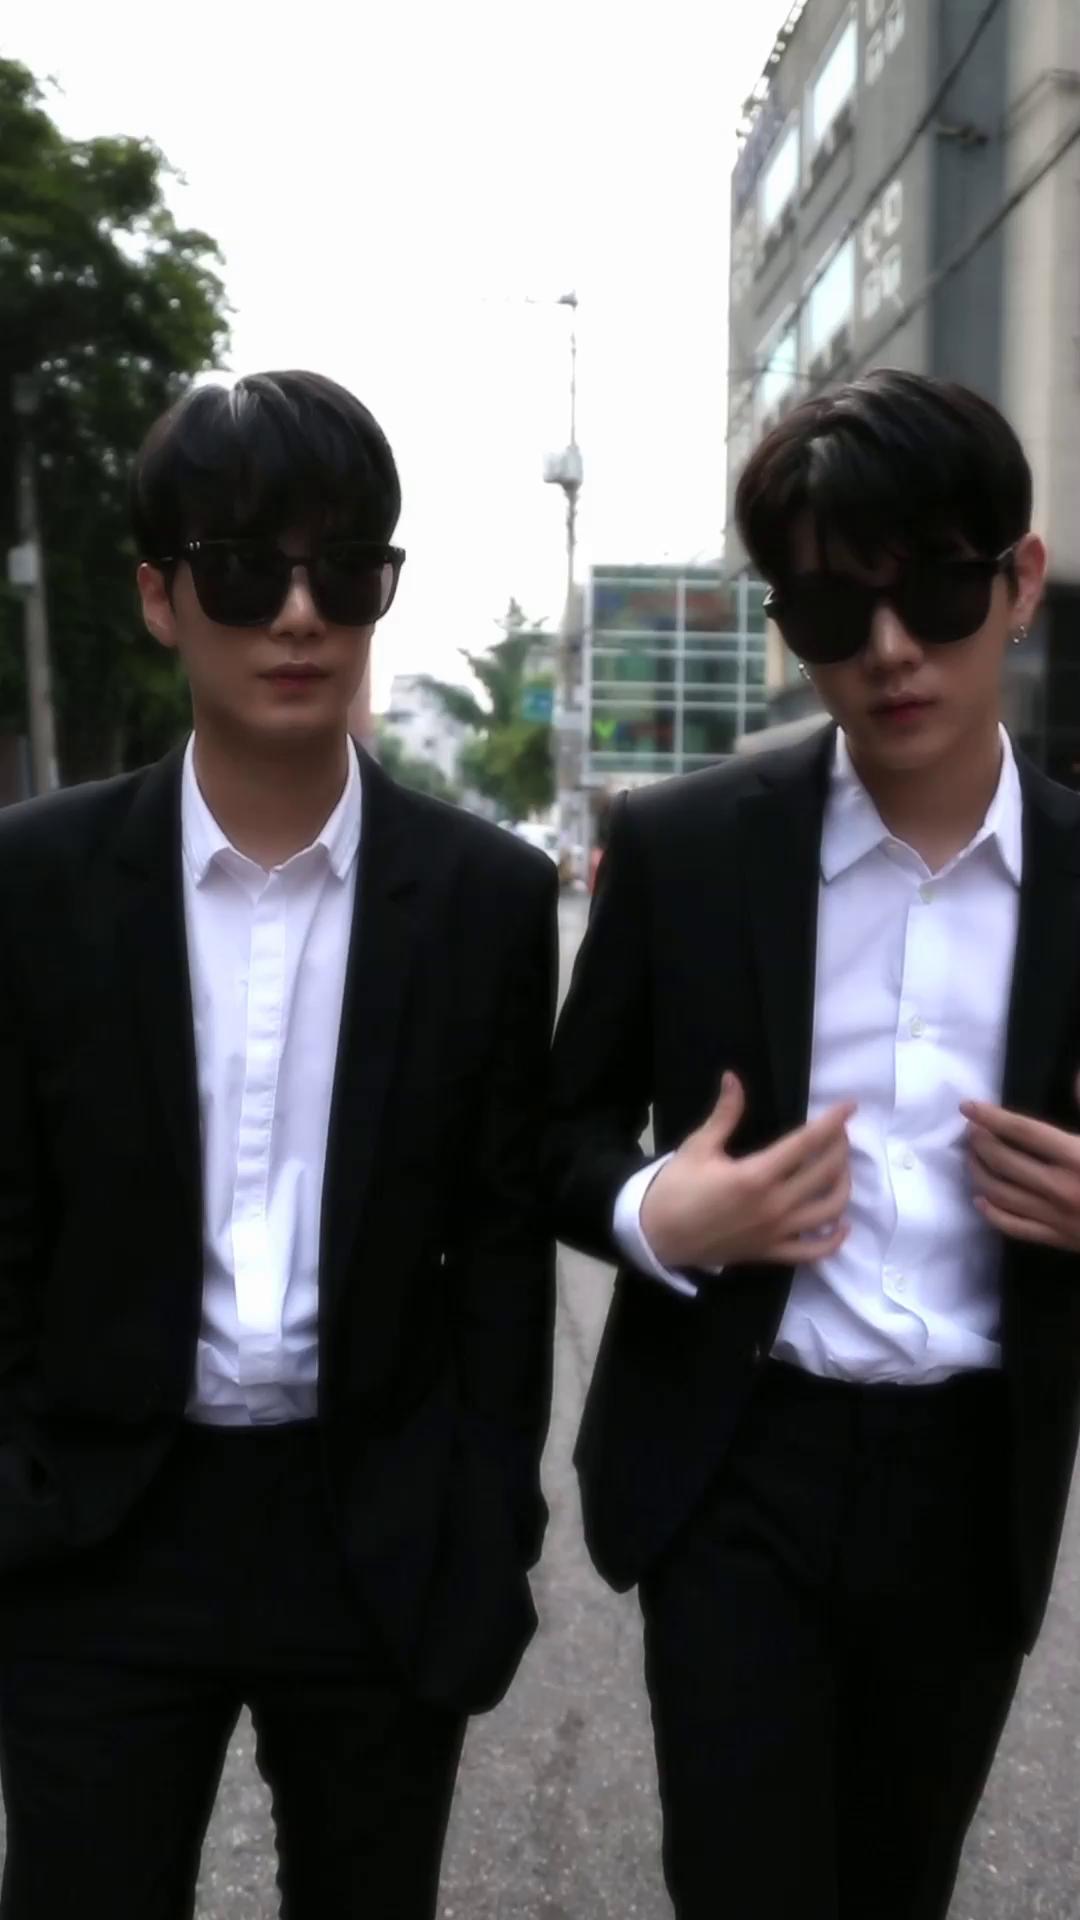 [존잘러스] 뉴이스트W, JR&렌 편